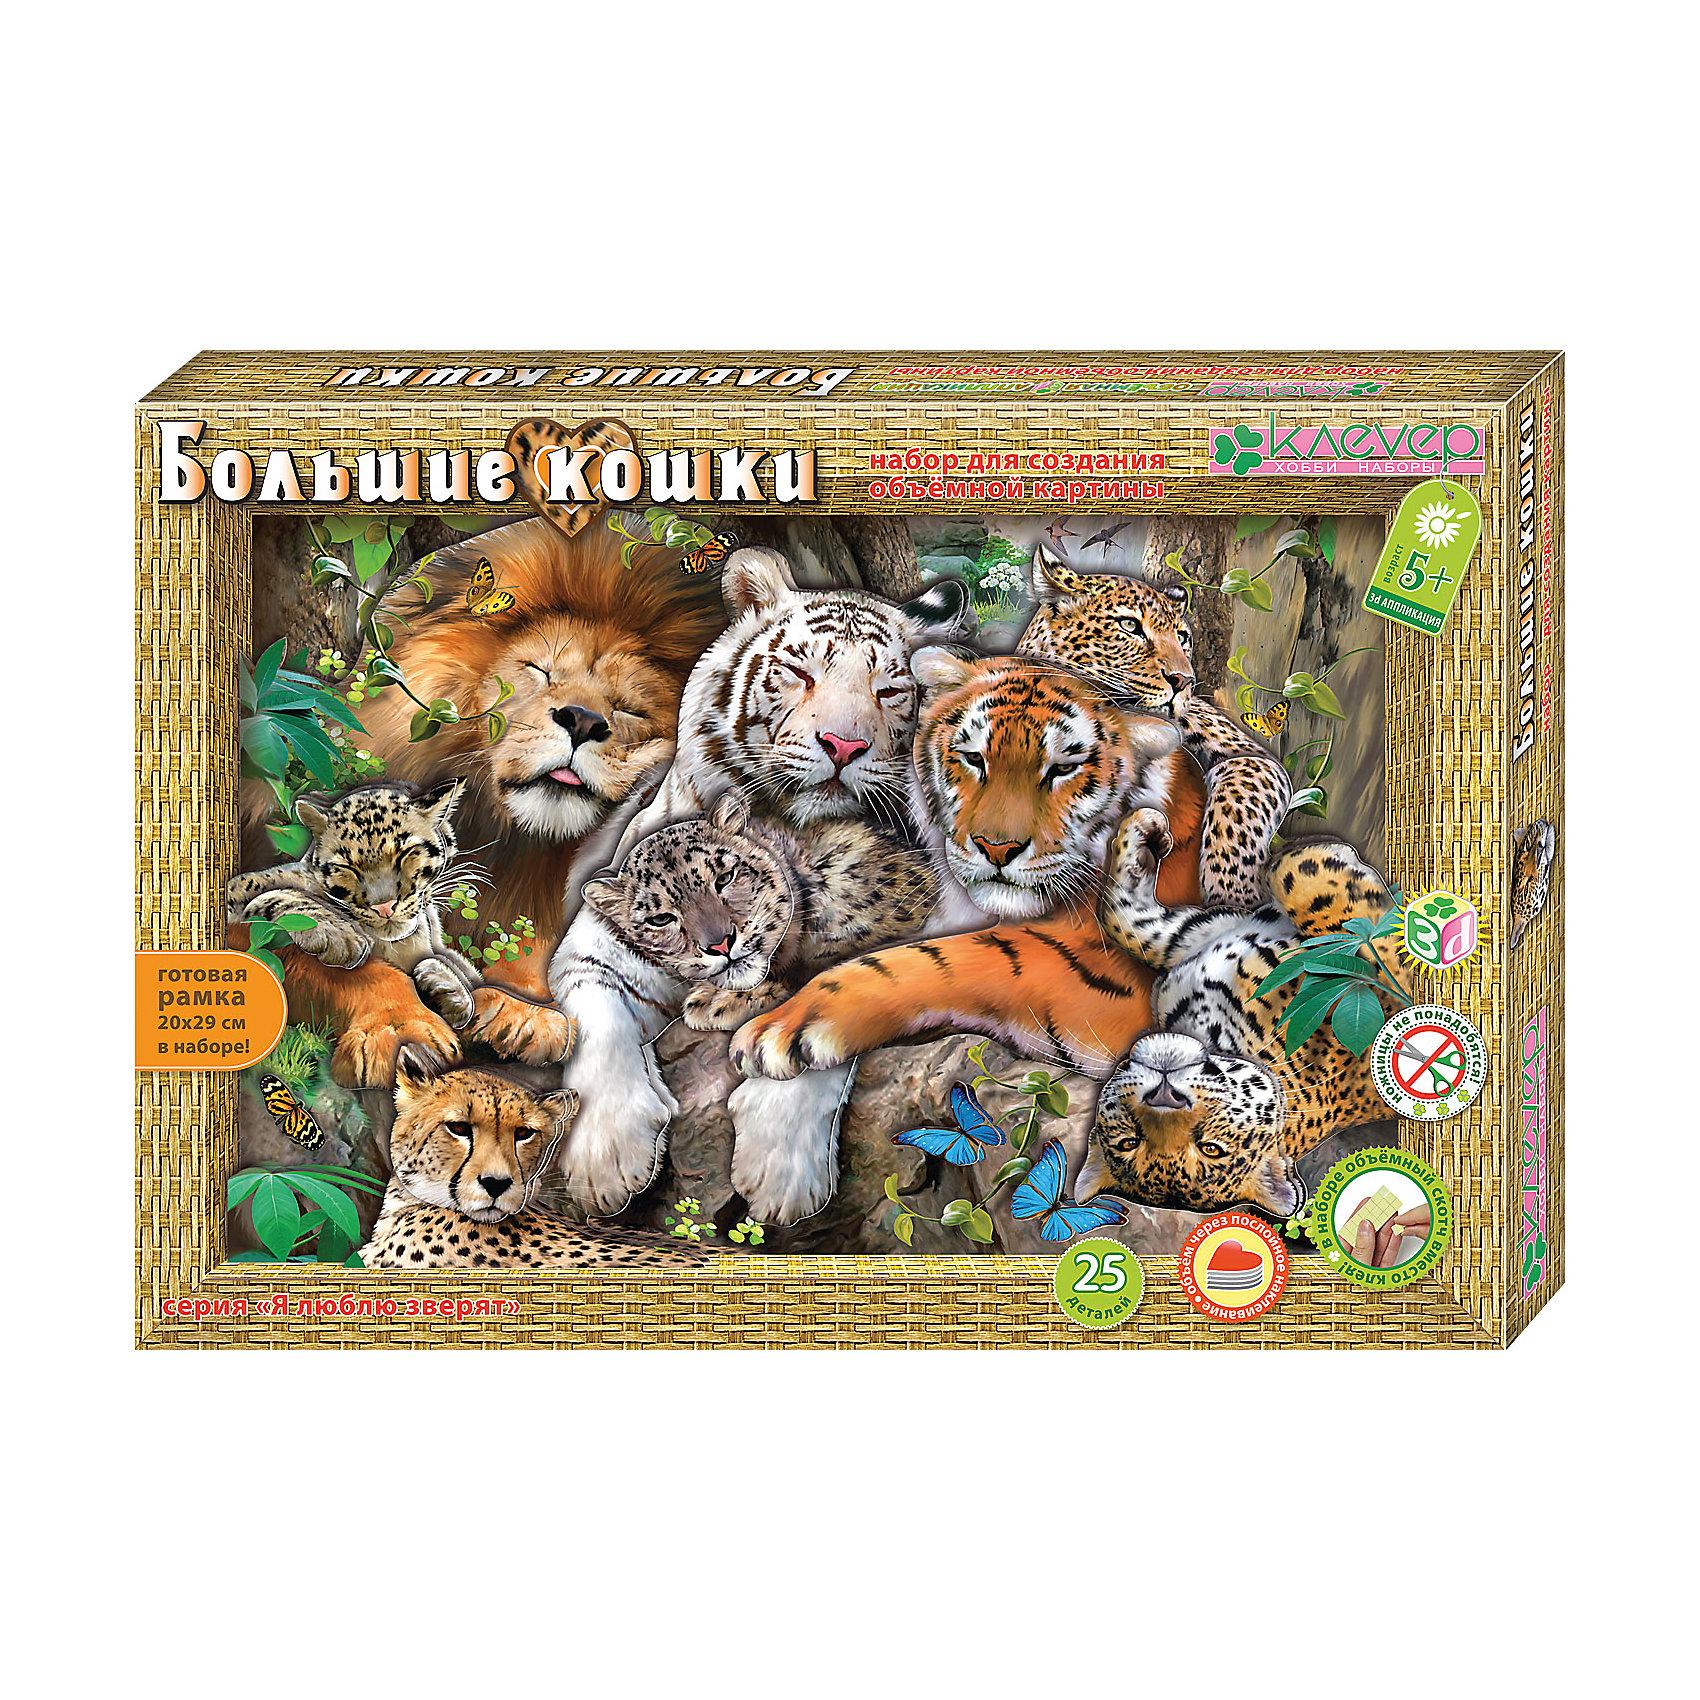 Набор для изготовления картины Большие кошкиРукоделие<br>Яркую картину Большие кошки ребёнок старше 5 лет с помощью взрослыхможет сделать сам - без клея и ножниц, в технике 3-D аппликации. Лев и тигр, гепард и леопард - их не встретишь вместе в природе.<br><br>Ширина мм: 290<br>Глубина мм: 200<br>Высота мм: 300<br>Вес г: 106<br>Возраст от месяцев: 60<br>Возраст до месяцев: 144<br>Пол: Унисекс<br>Возраст: Детский<br>SKU: 5541495